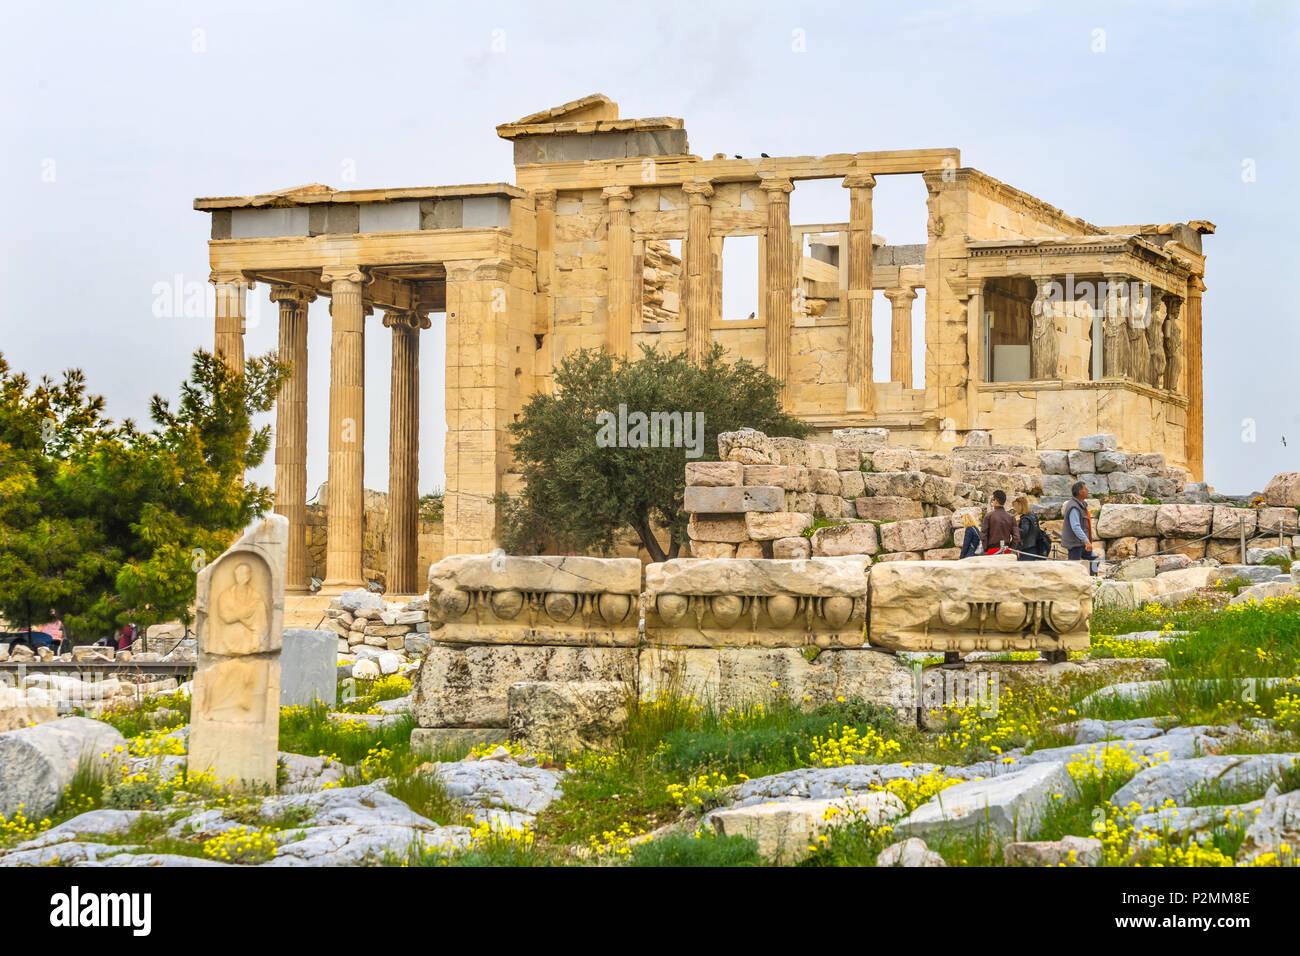 Monument ancien porche Temple Ruines Cariatides de Erechtheion Acropole Athènes Grèce. Colonnes de temple grec maidens Erechtheion pour un ancien Atheni Photo Stock